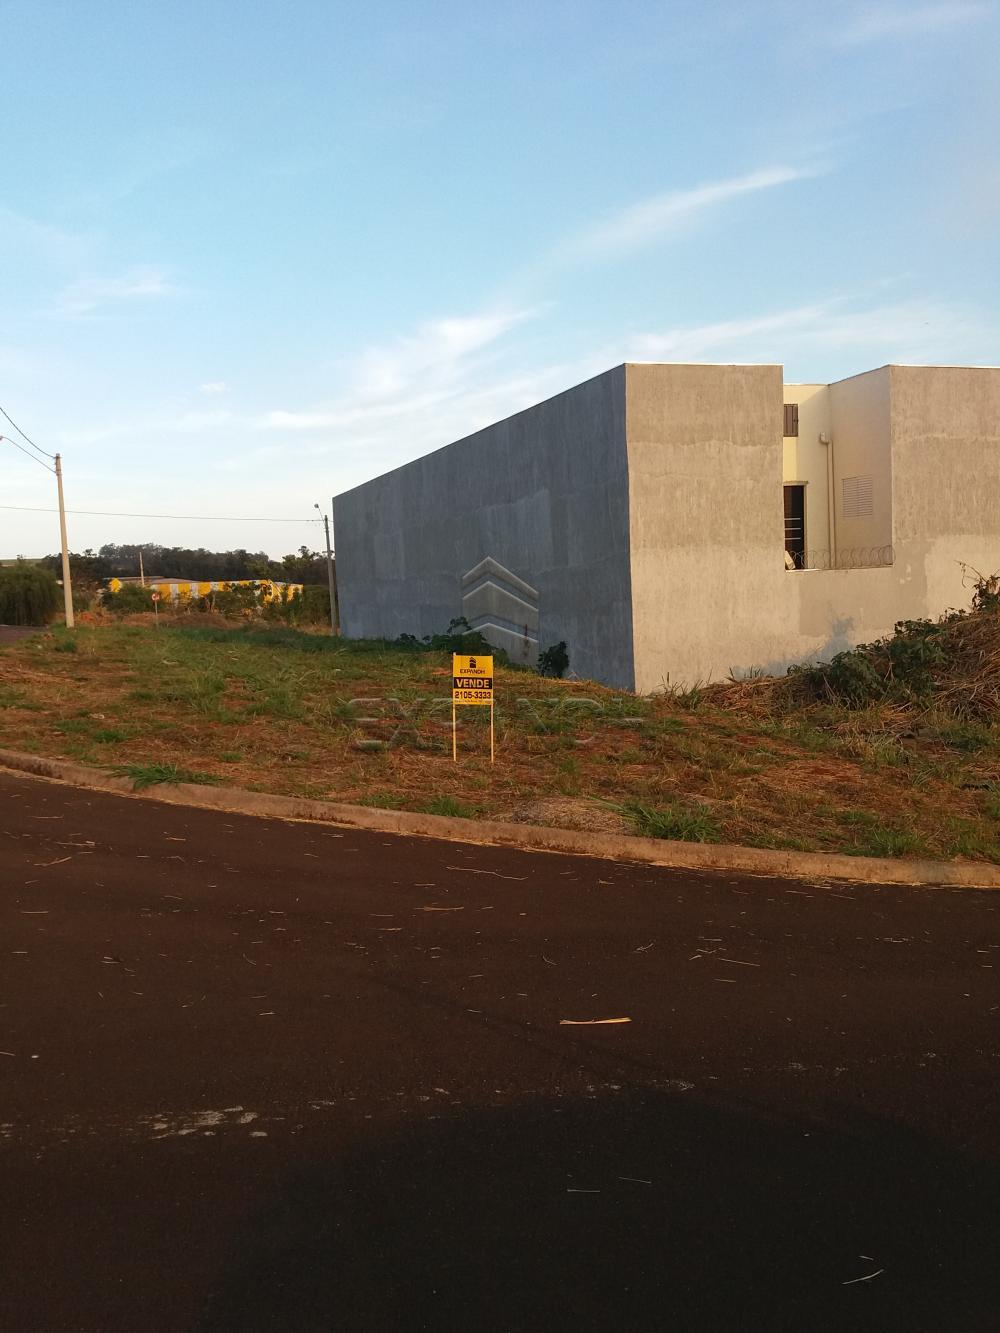 Comprar Terrenos / Padrão em Sertãozinho R$ 100.000,00 - Foto 3